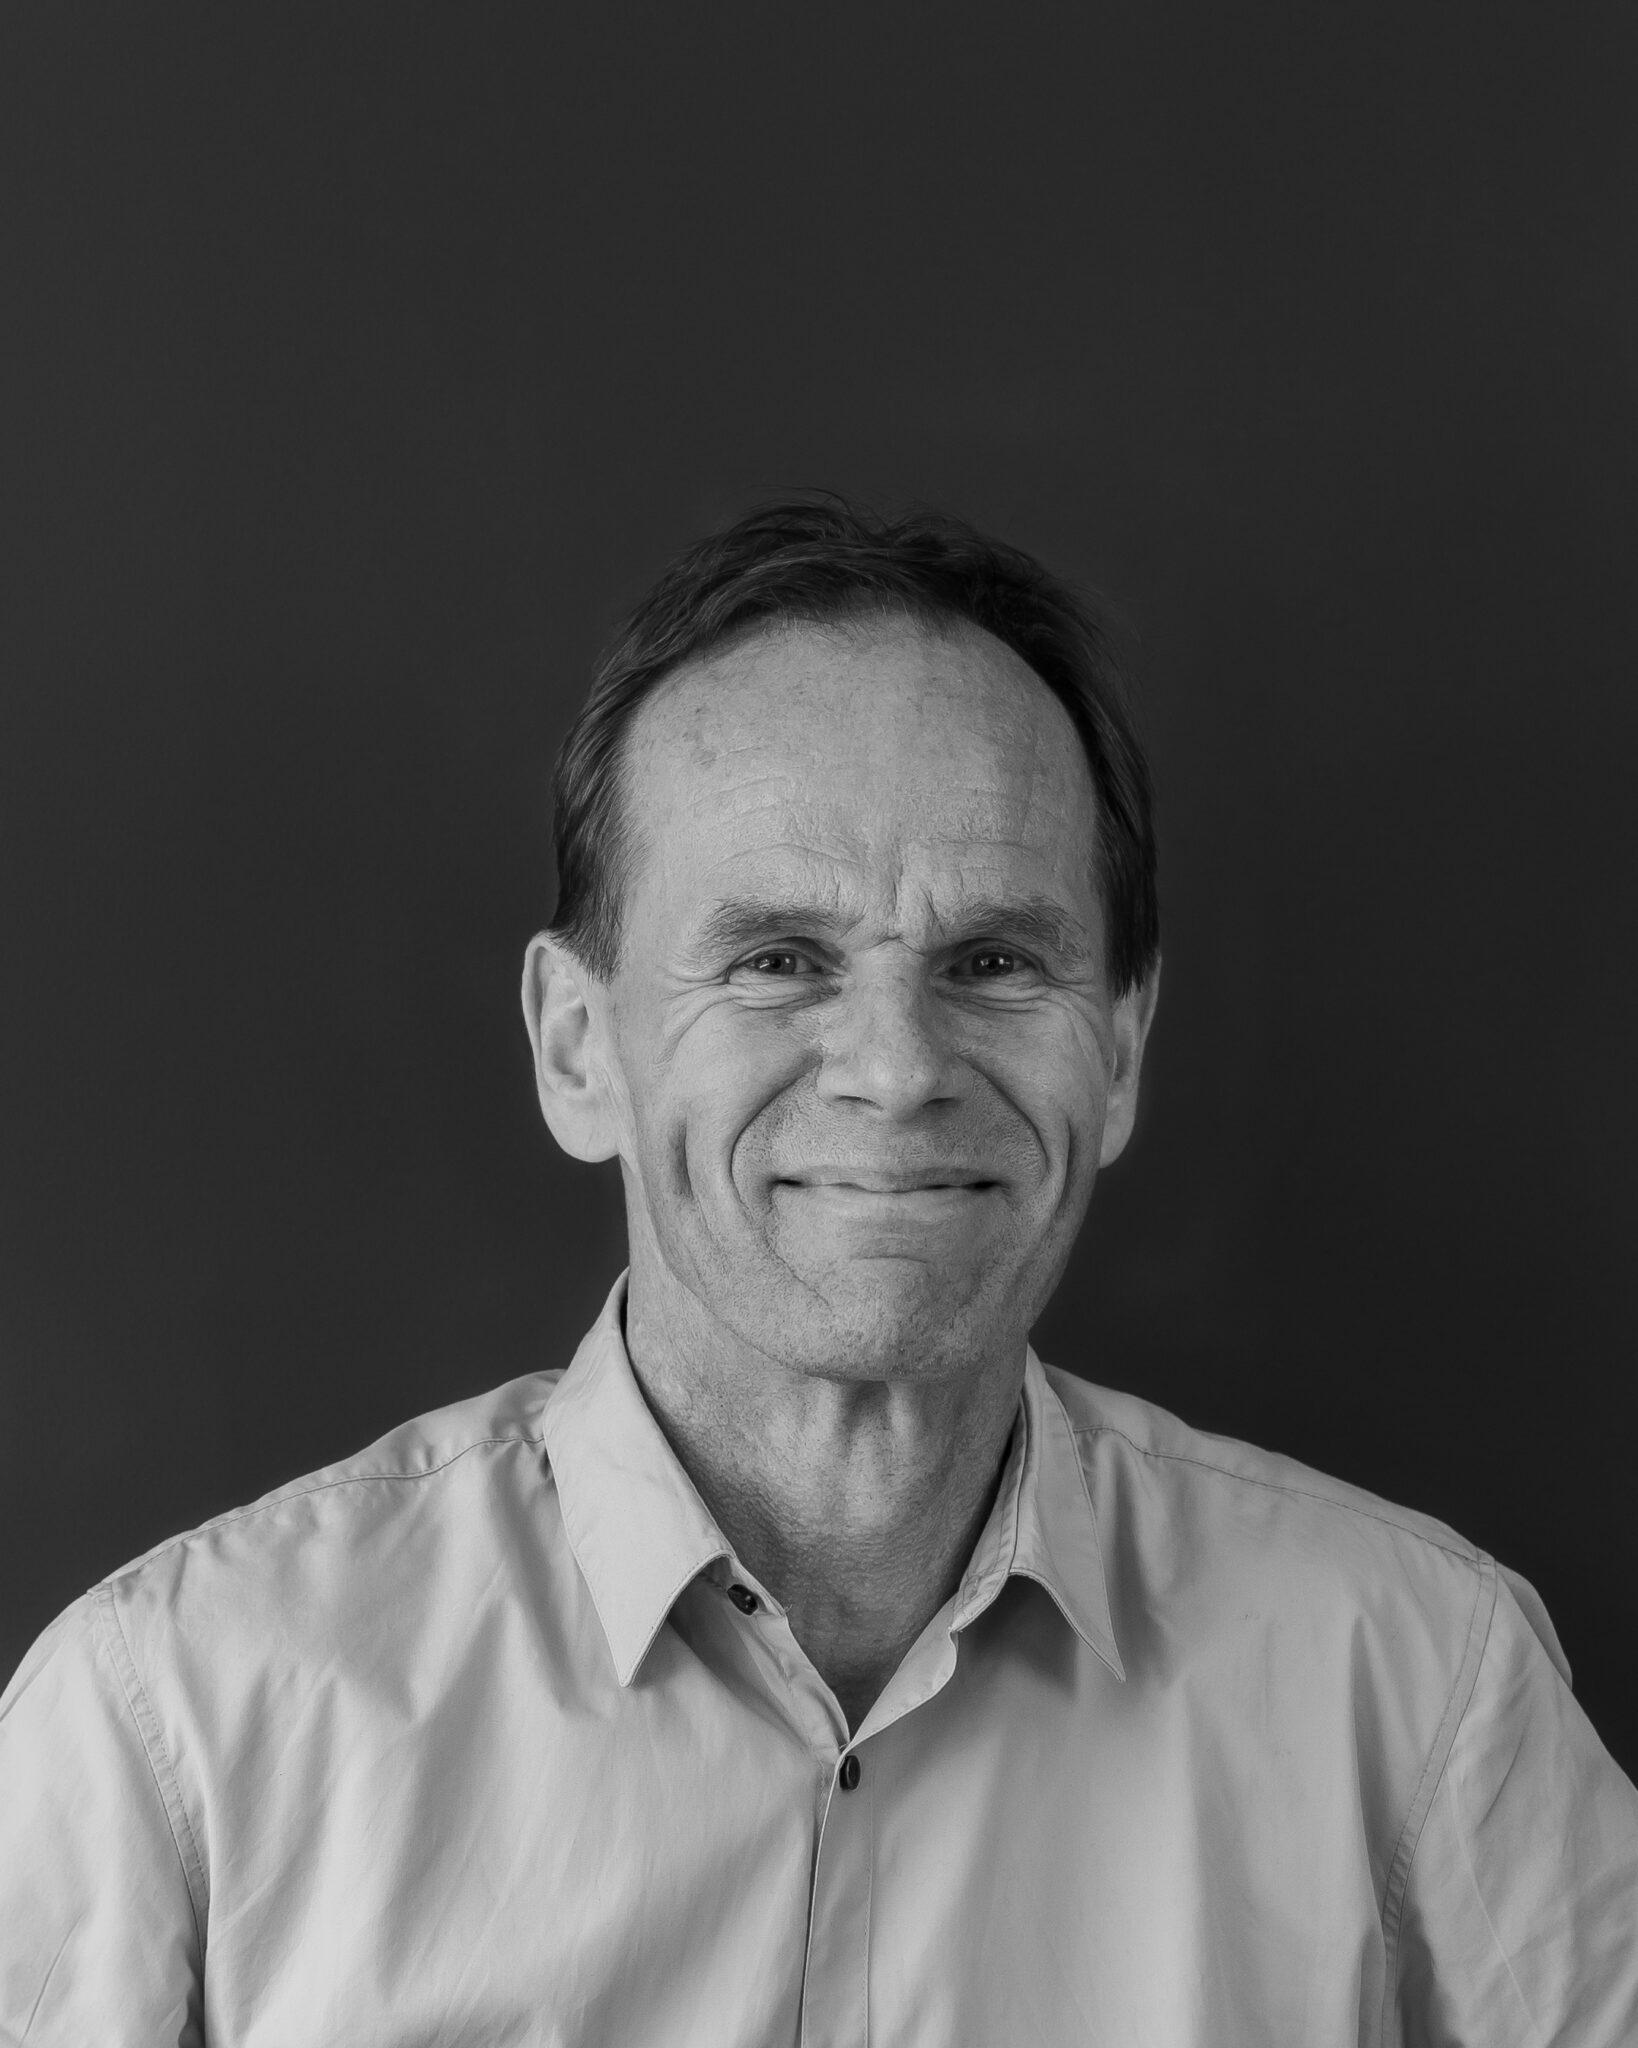 Erik Barentsen